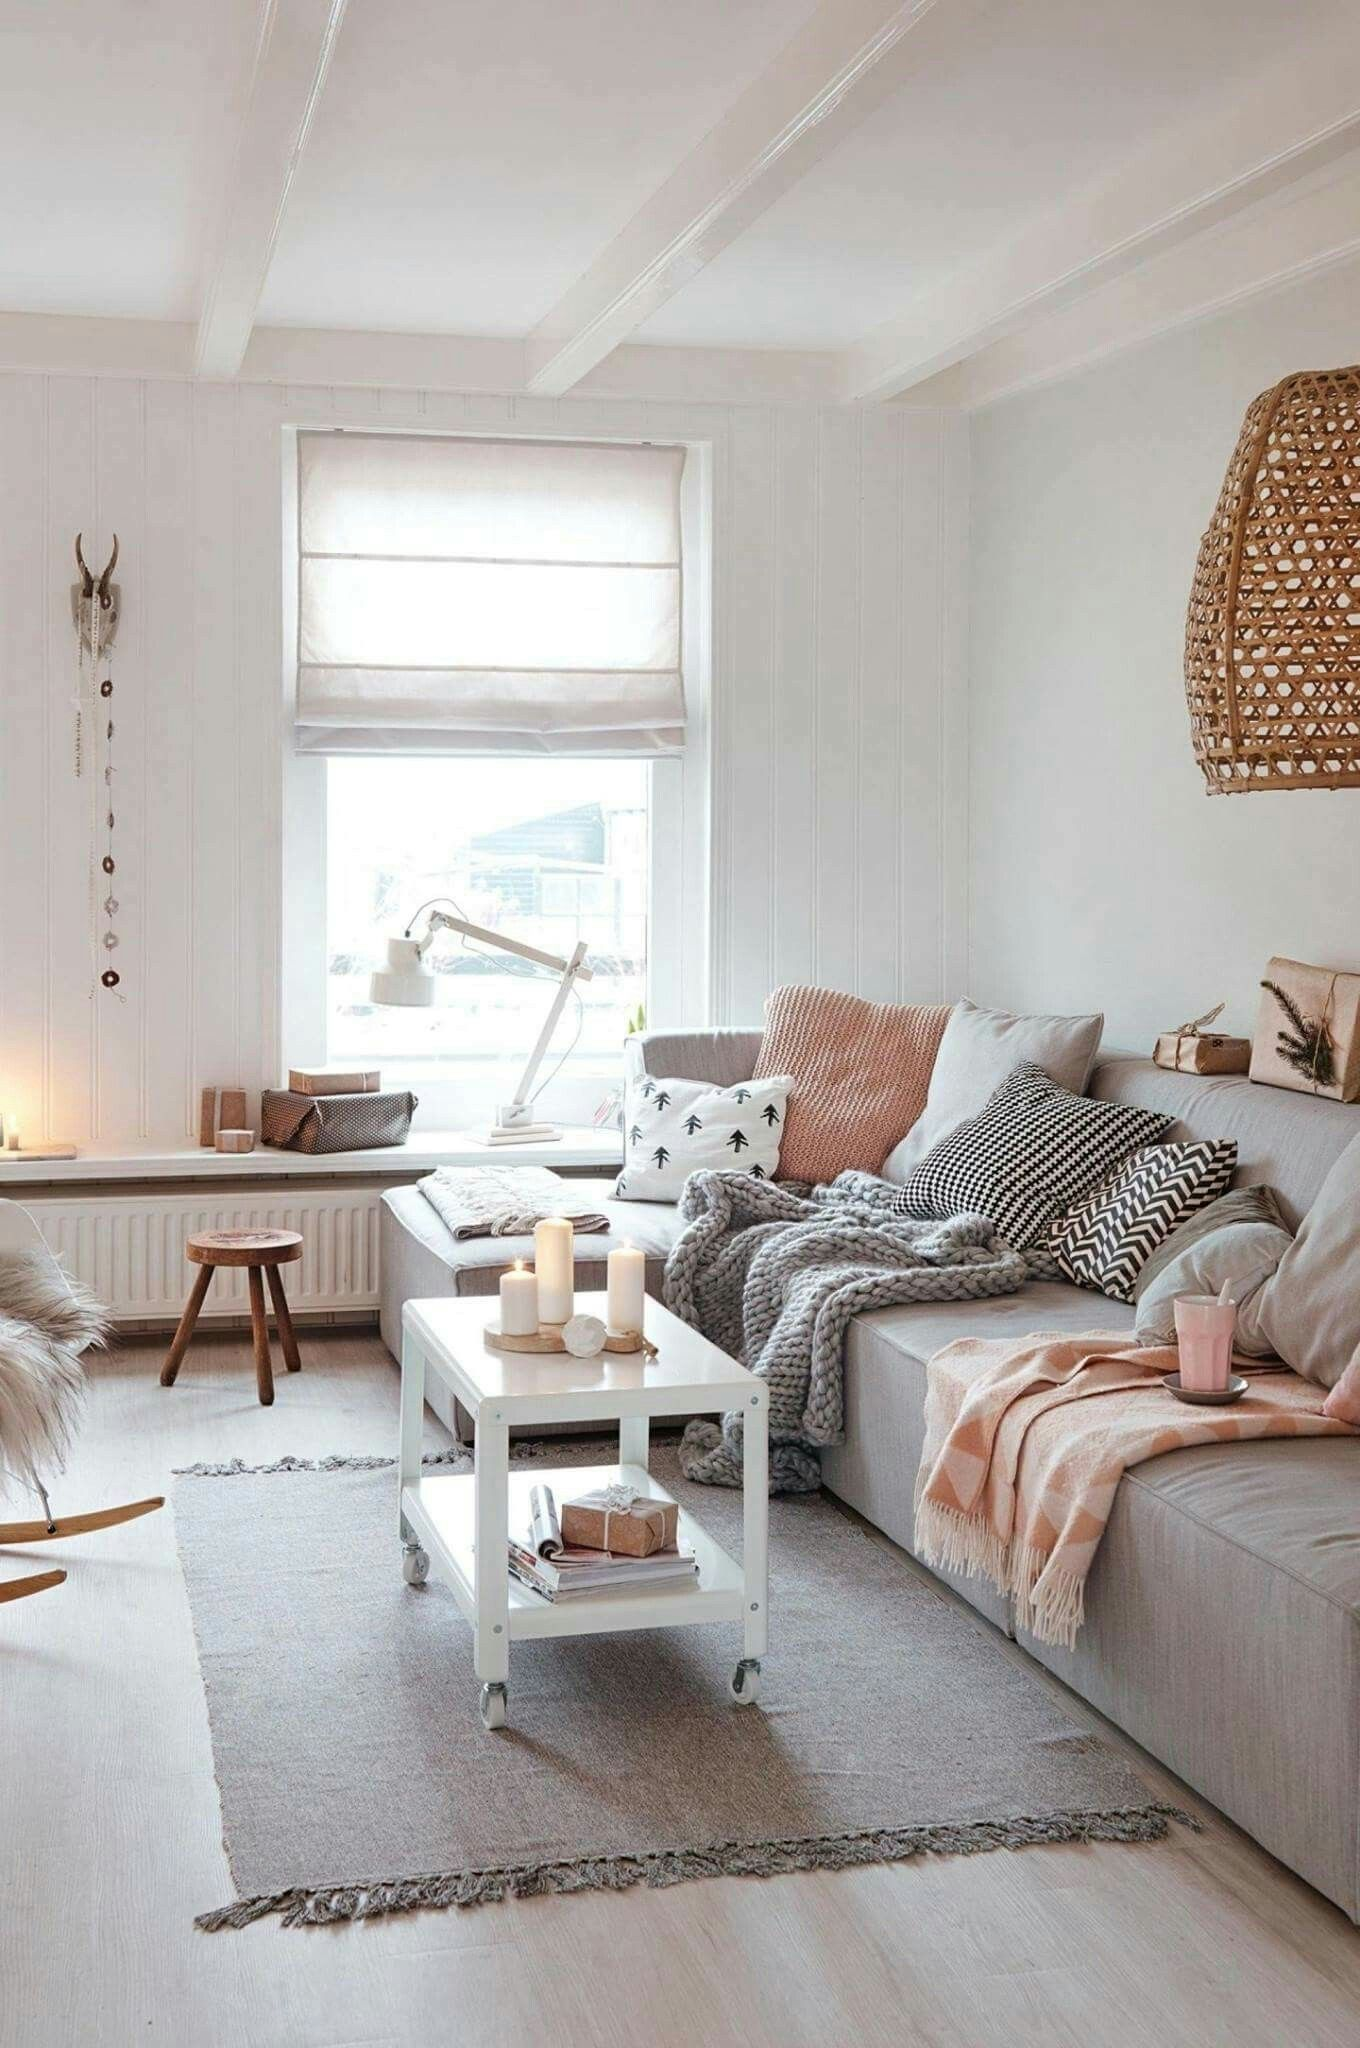 Erkunde Gemütliche Wohnzimmer Schlafzimmer und noch mehr